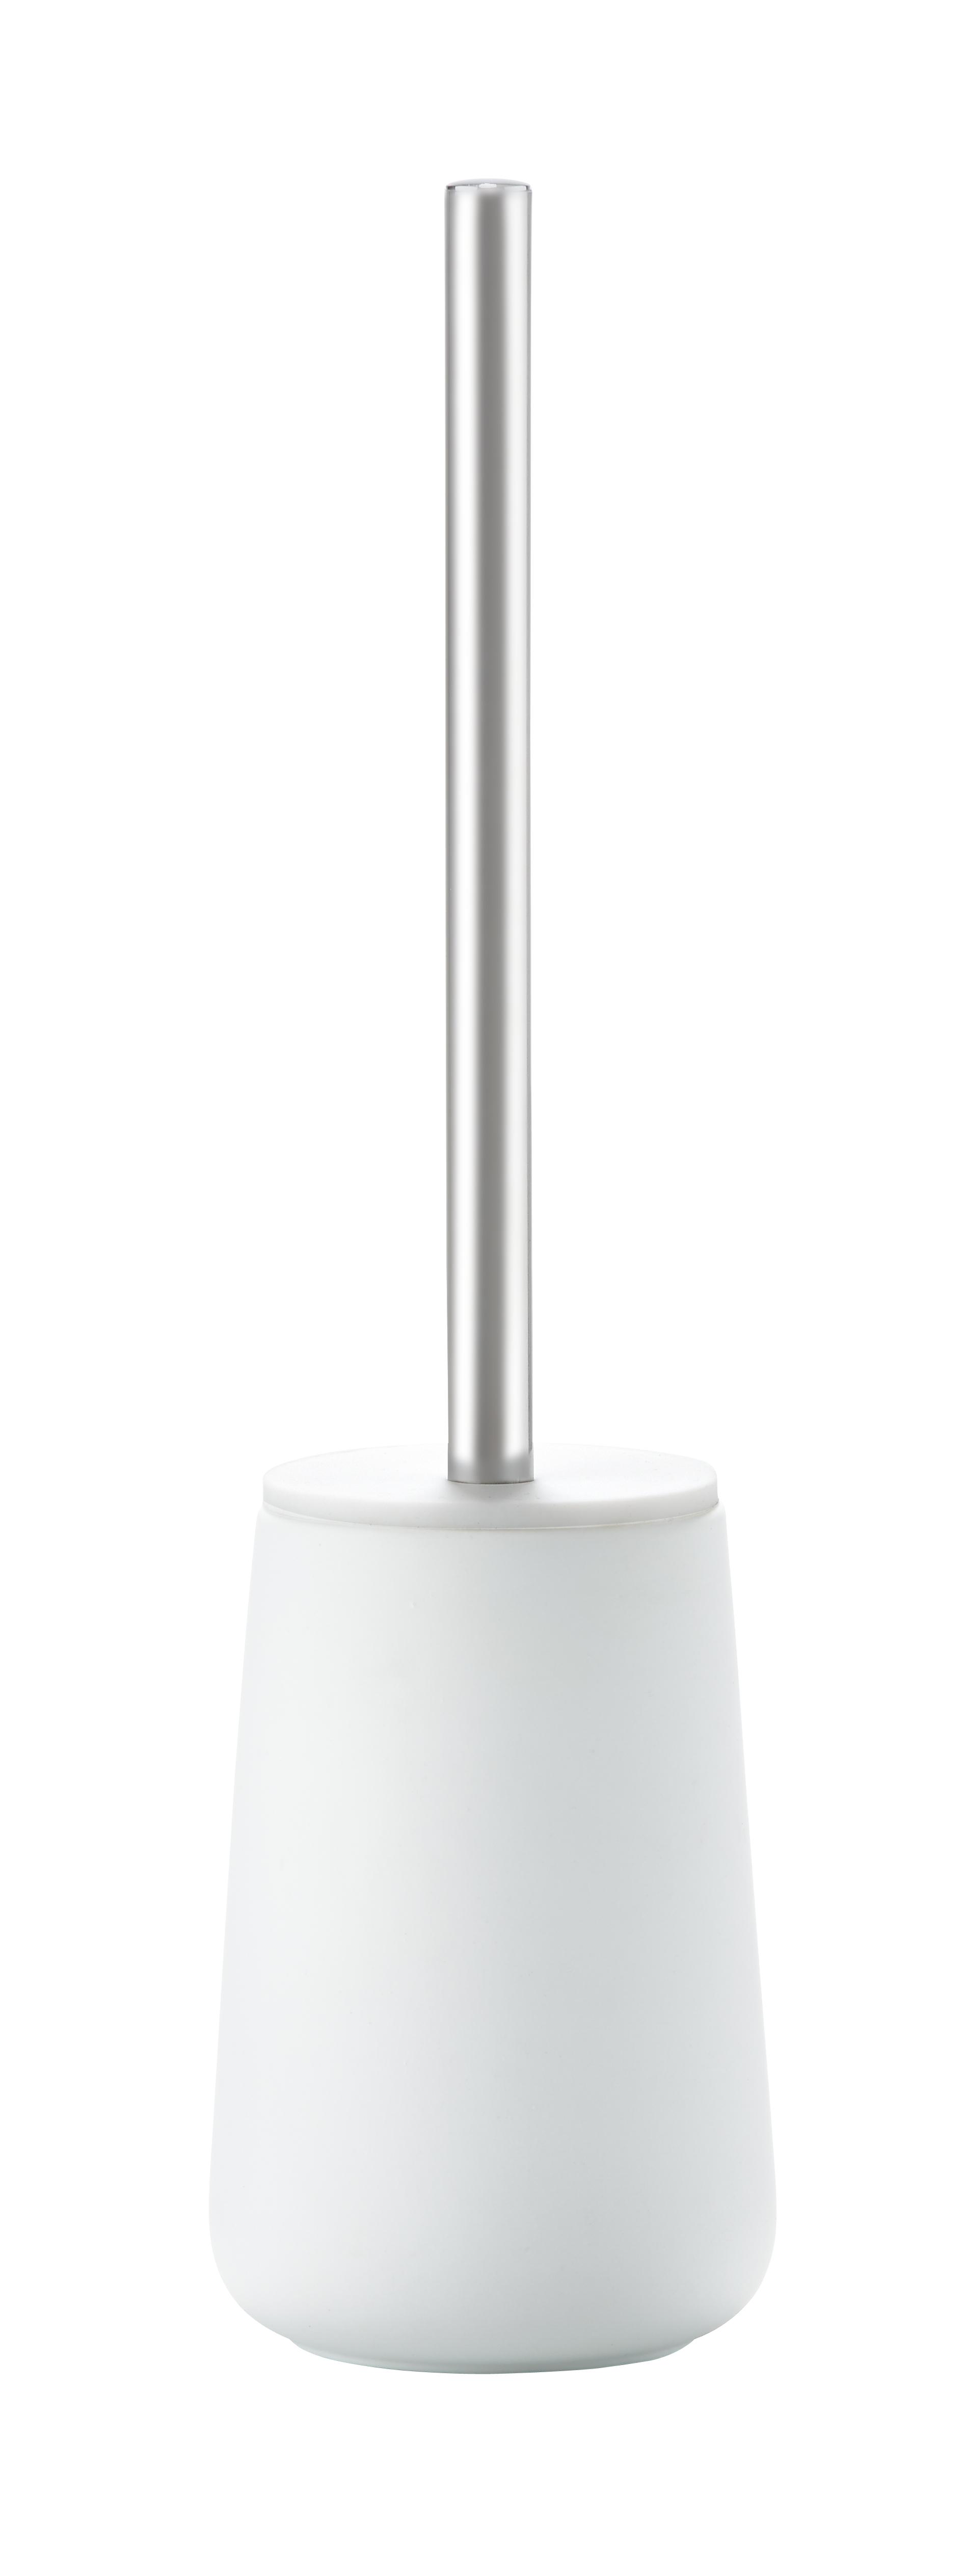 Zone - Nova Toilet Brush - White (330104)